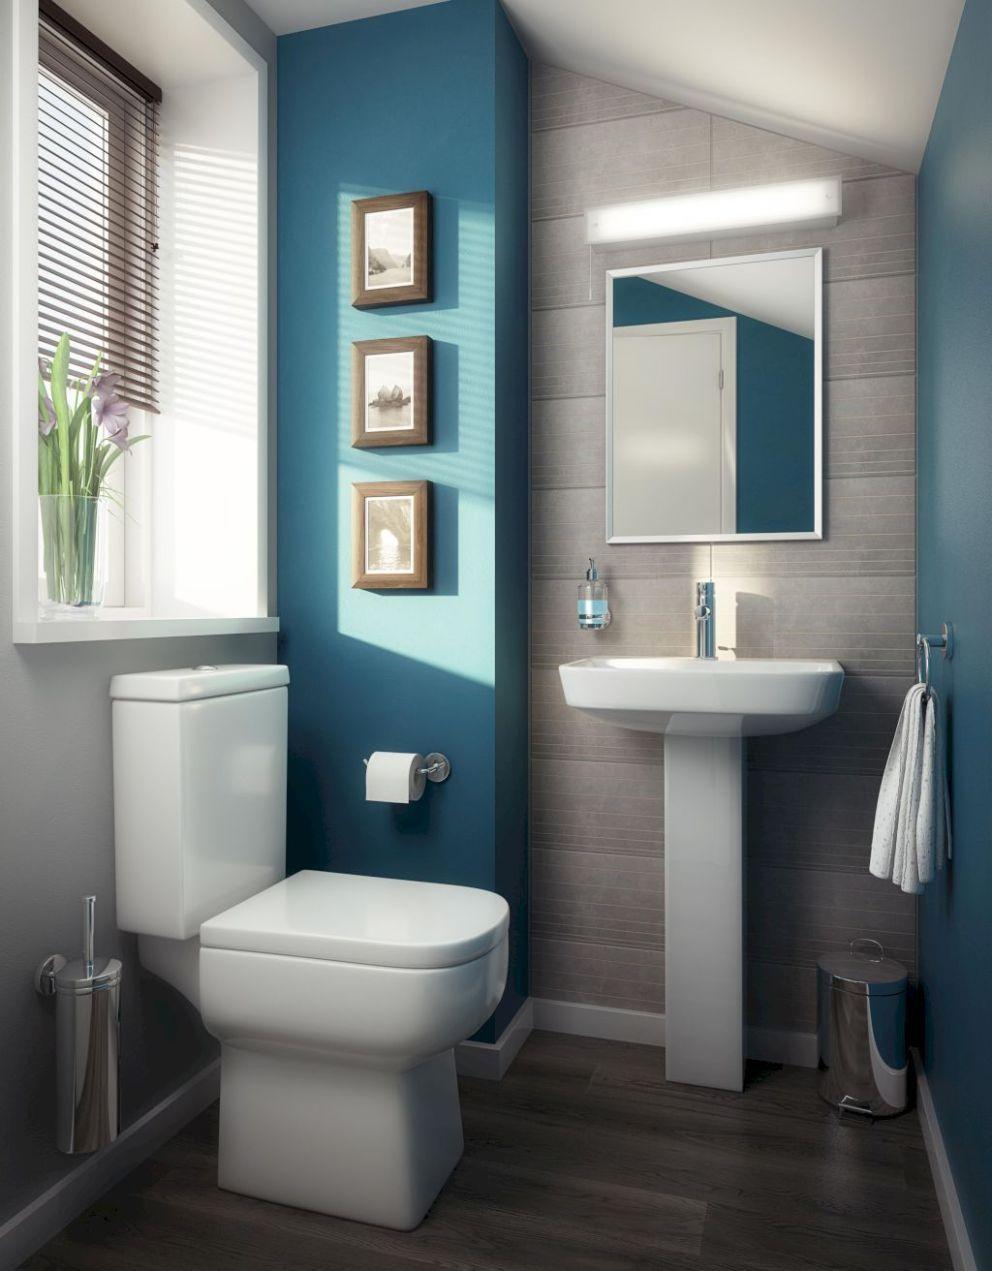 Small Bathroom Decor And Design Ideas 35 Bathroom Design Small Simple Bathroom Modern Small Bathrooms